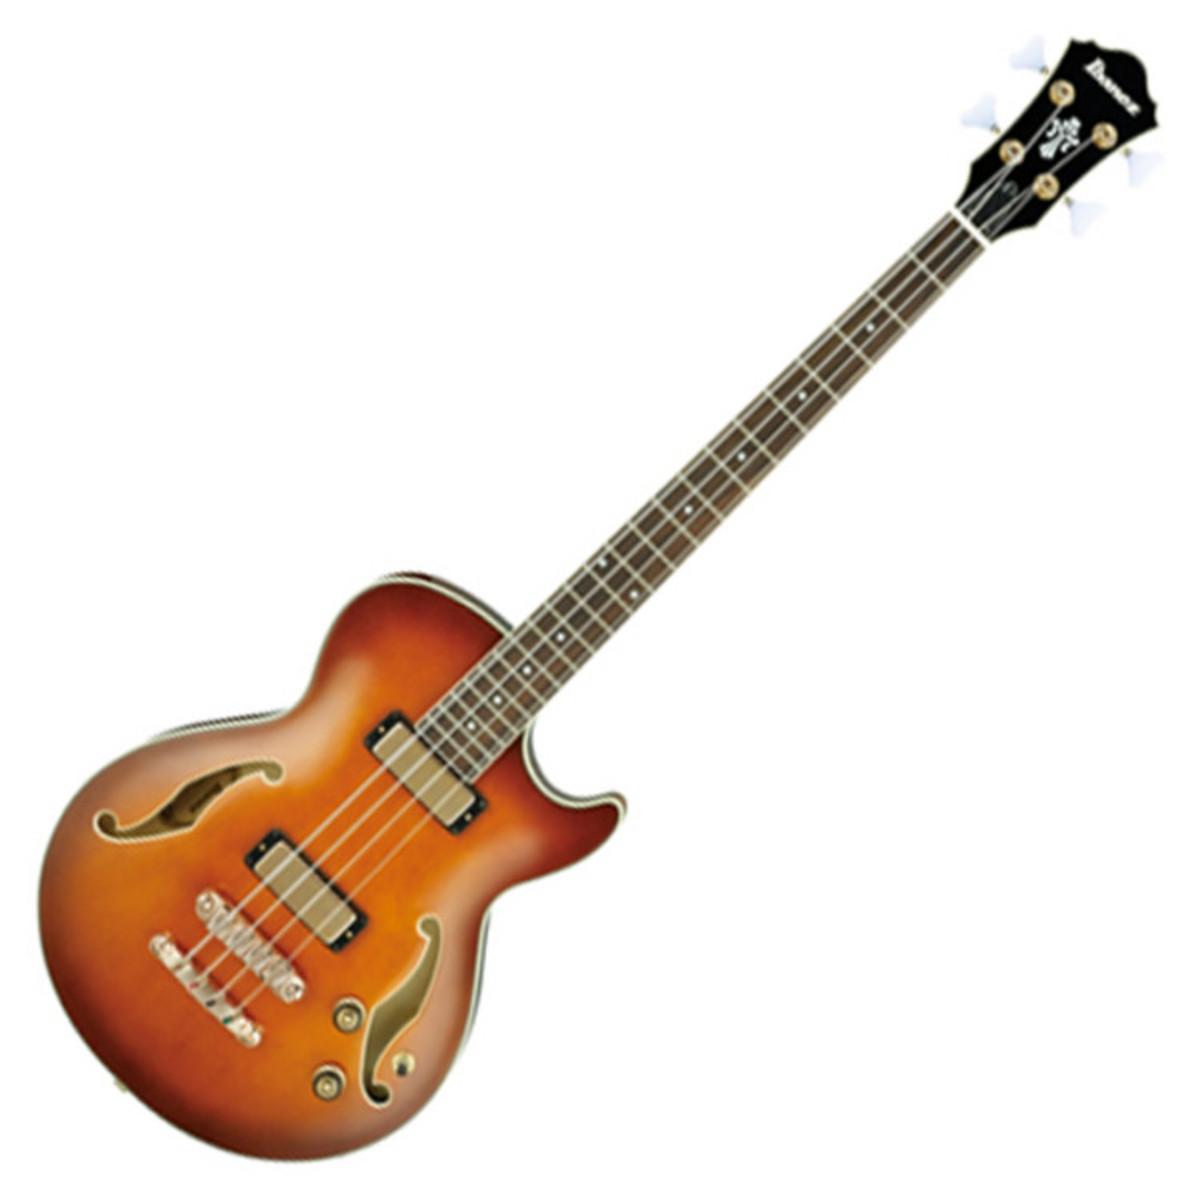 disc ibanez agb200 4 string bass guitar violin sunburst at. Black Bedroom Furniture Sets. Home Design Ideas